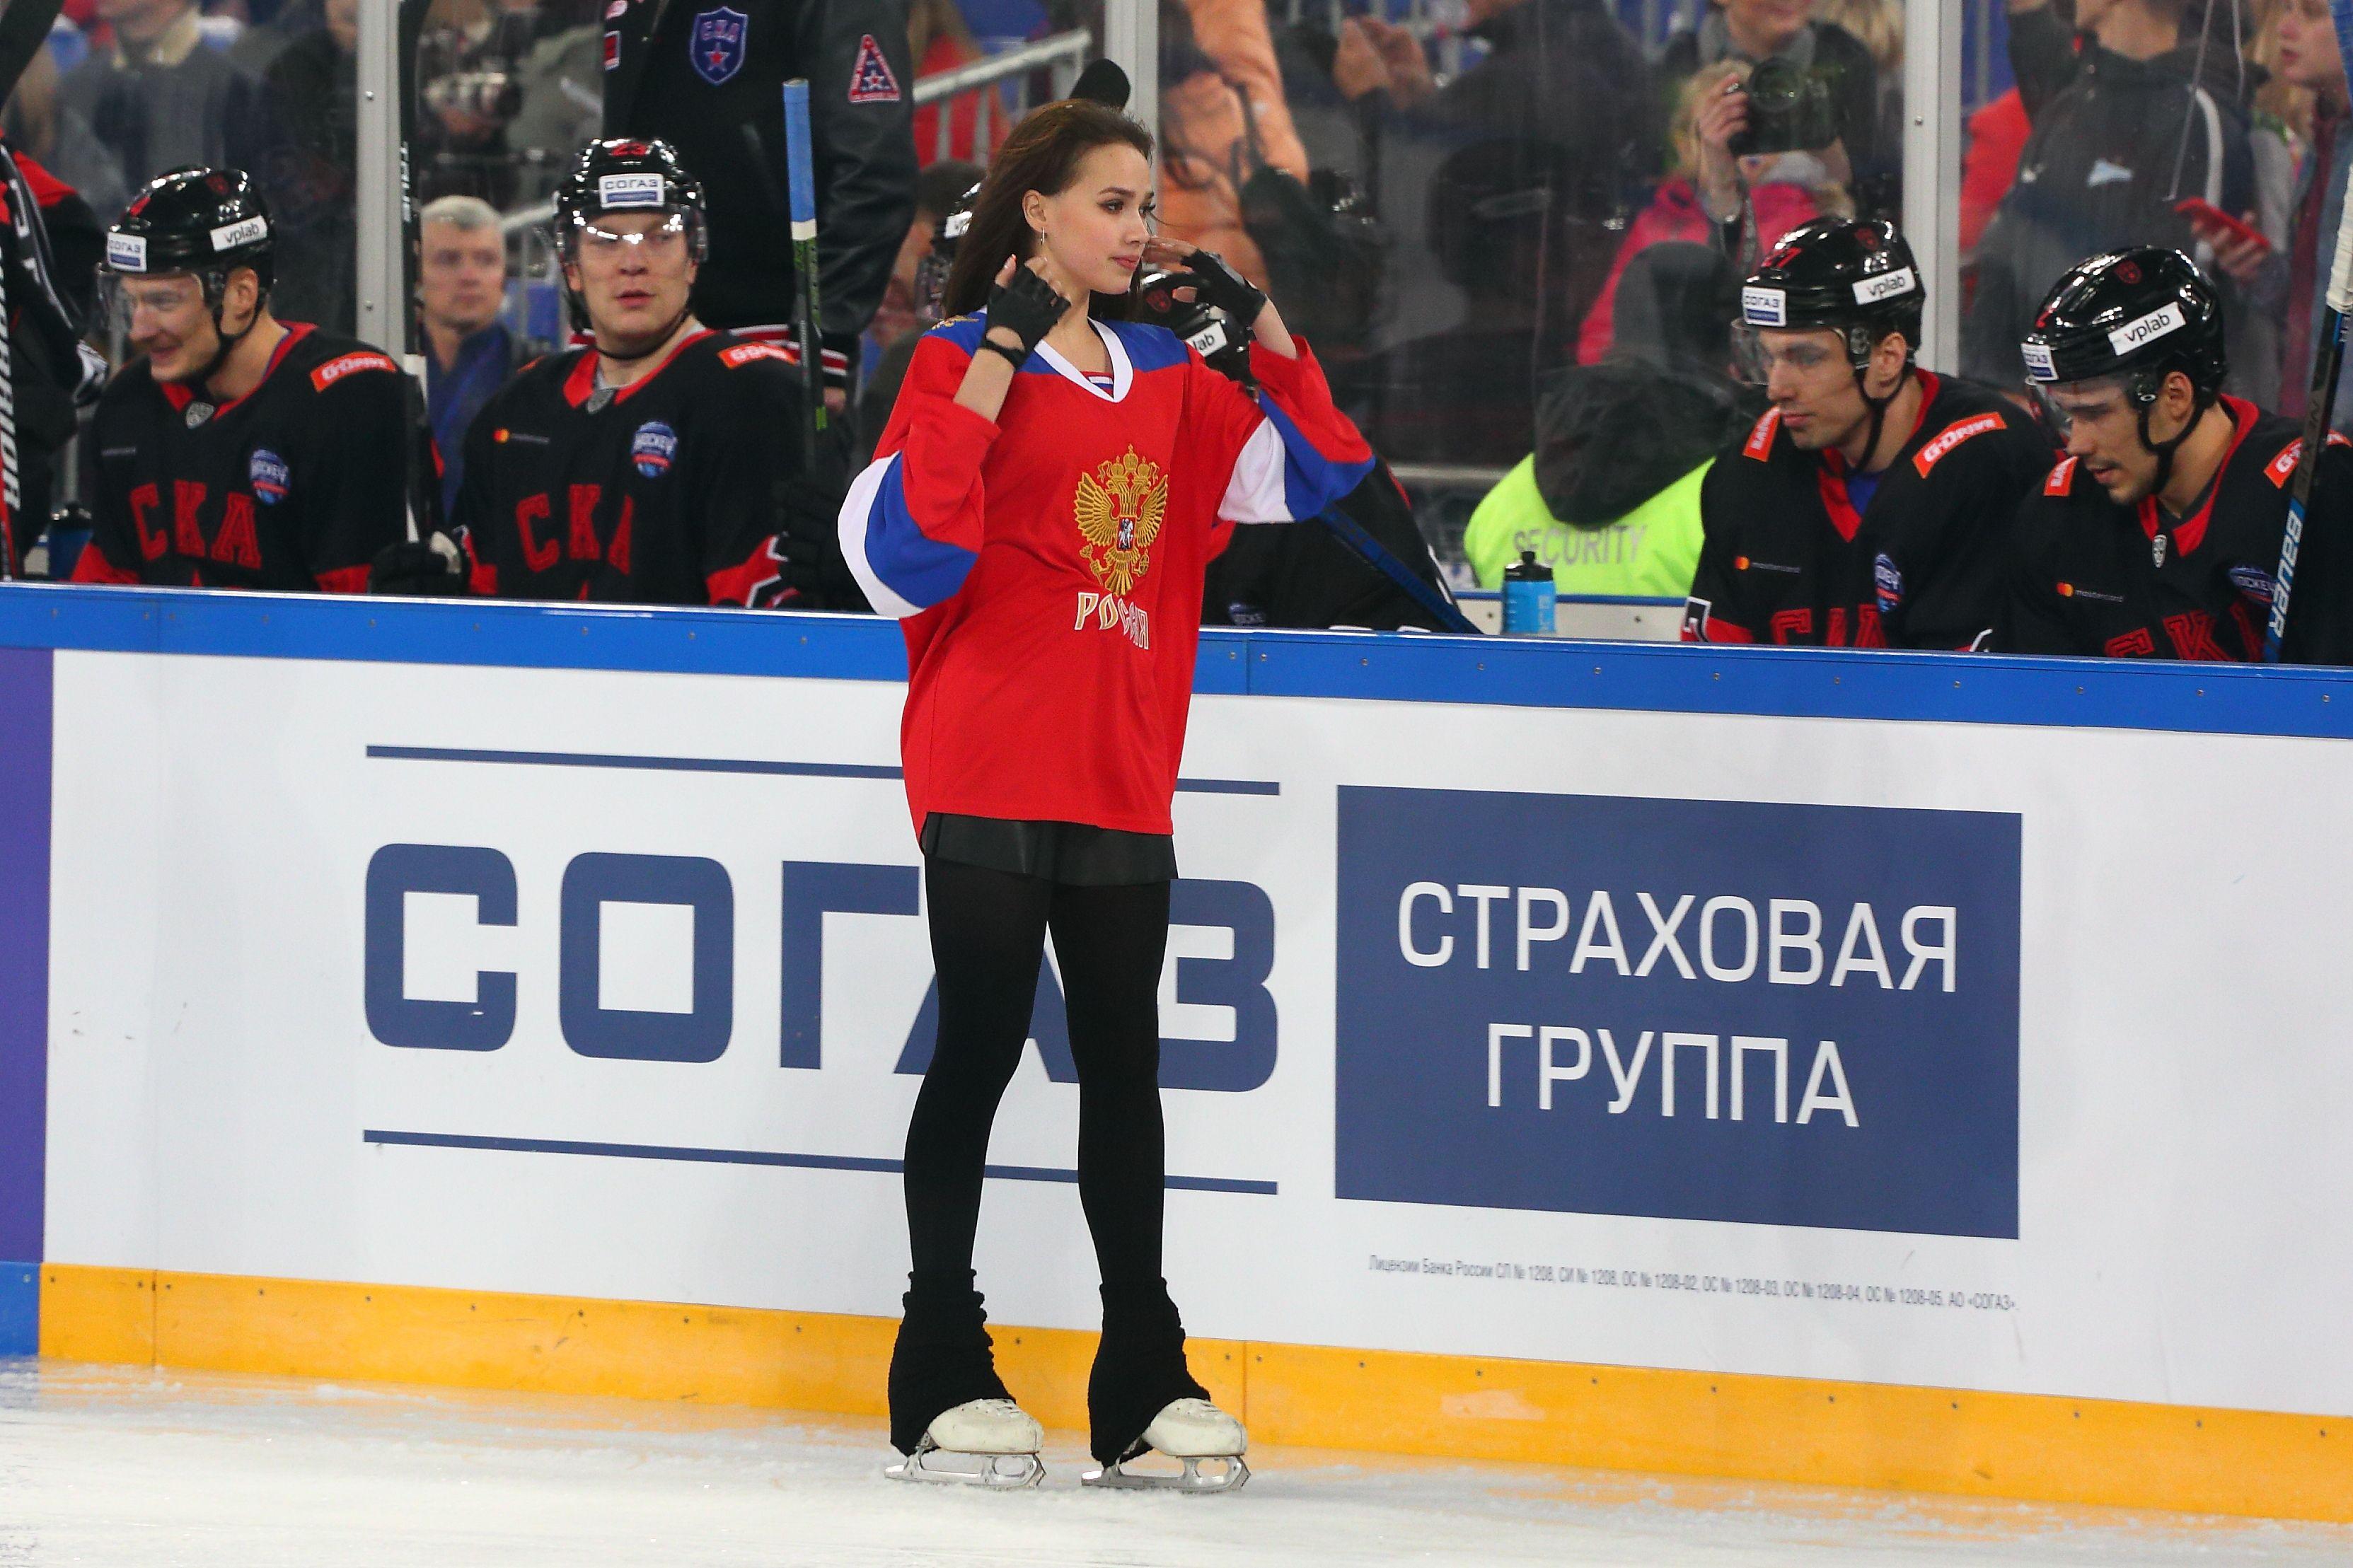 Загитова и Медведева снова выступят вместе: Первый канал покажет гала-концерт 'Ледникового периода'